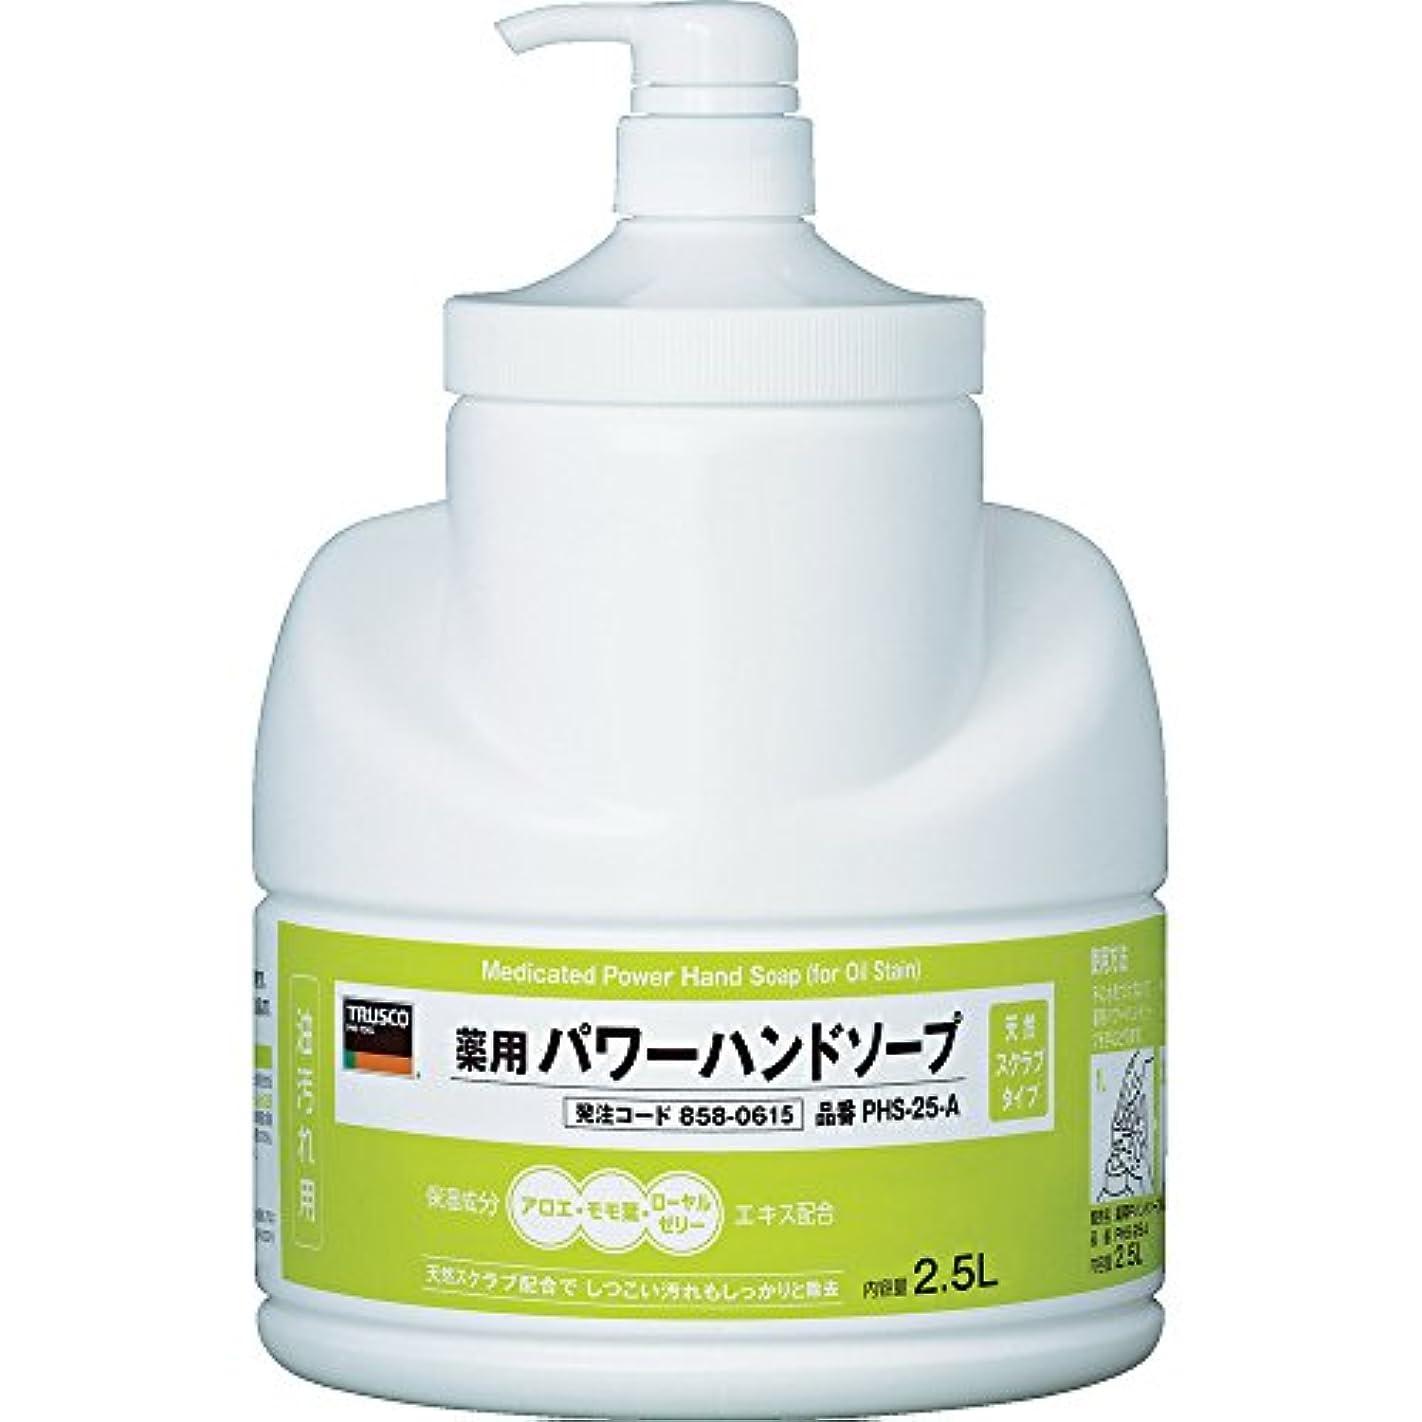 ベース下醸造所TRUSCO(トラスコ) 薬用パワーハンドソープポンプボトル 2.5L PHS-25-A